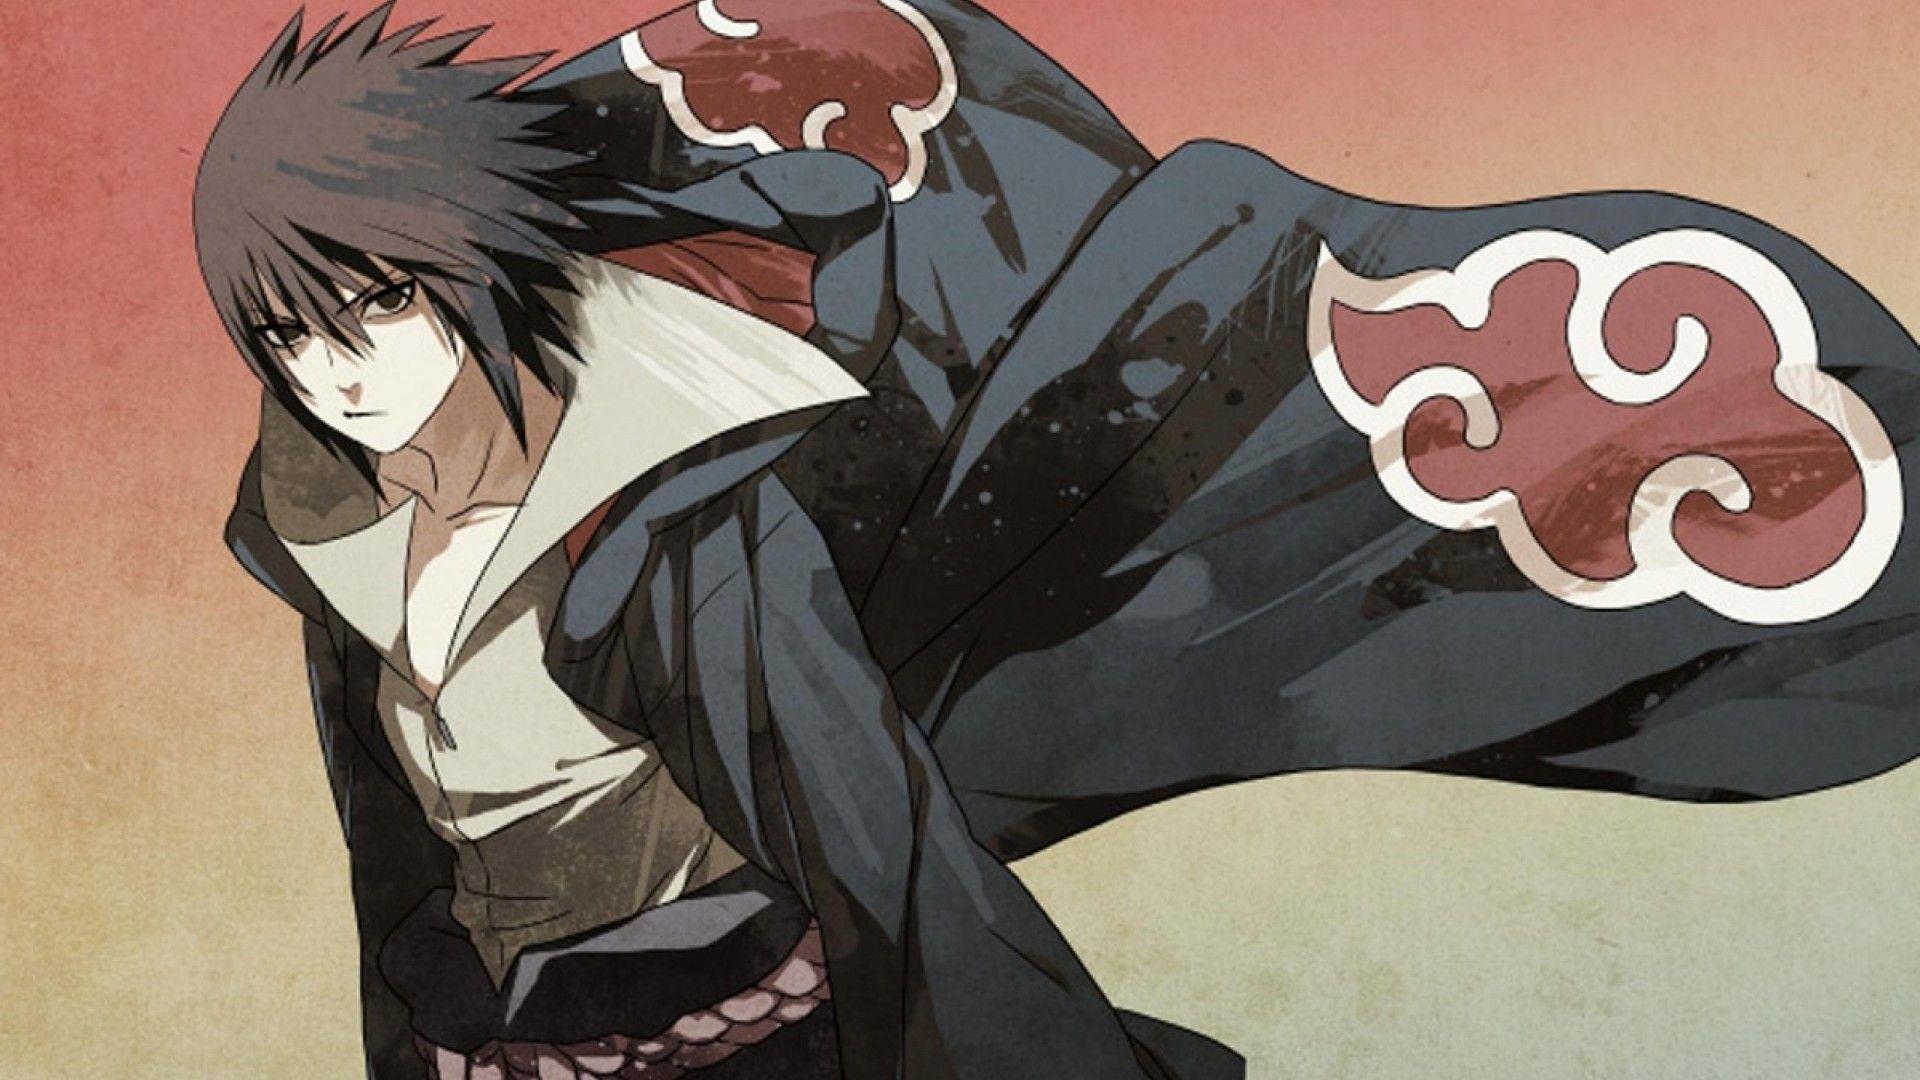 Naruto Shippuden Sasuke Wallpapers 1920x1080